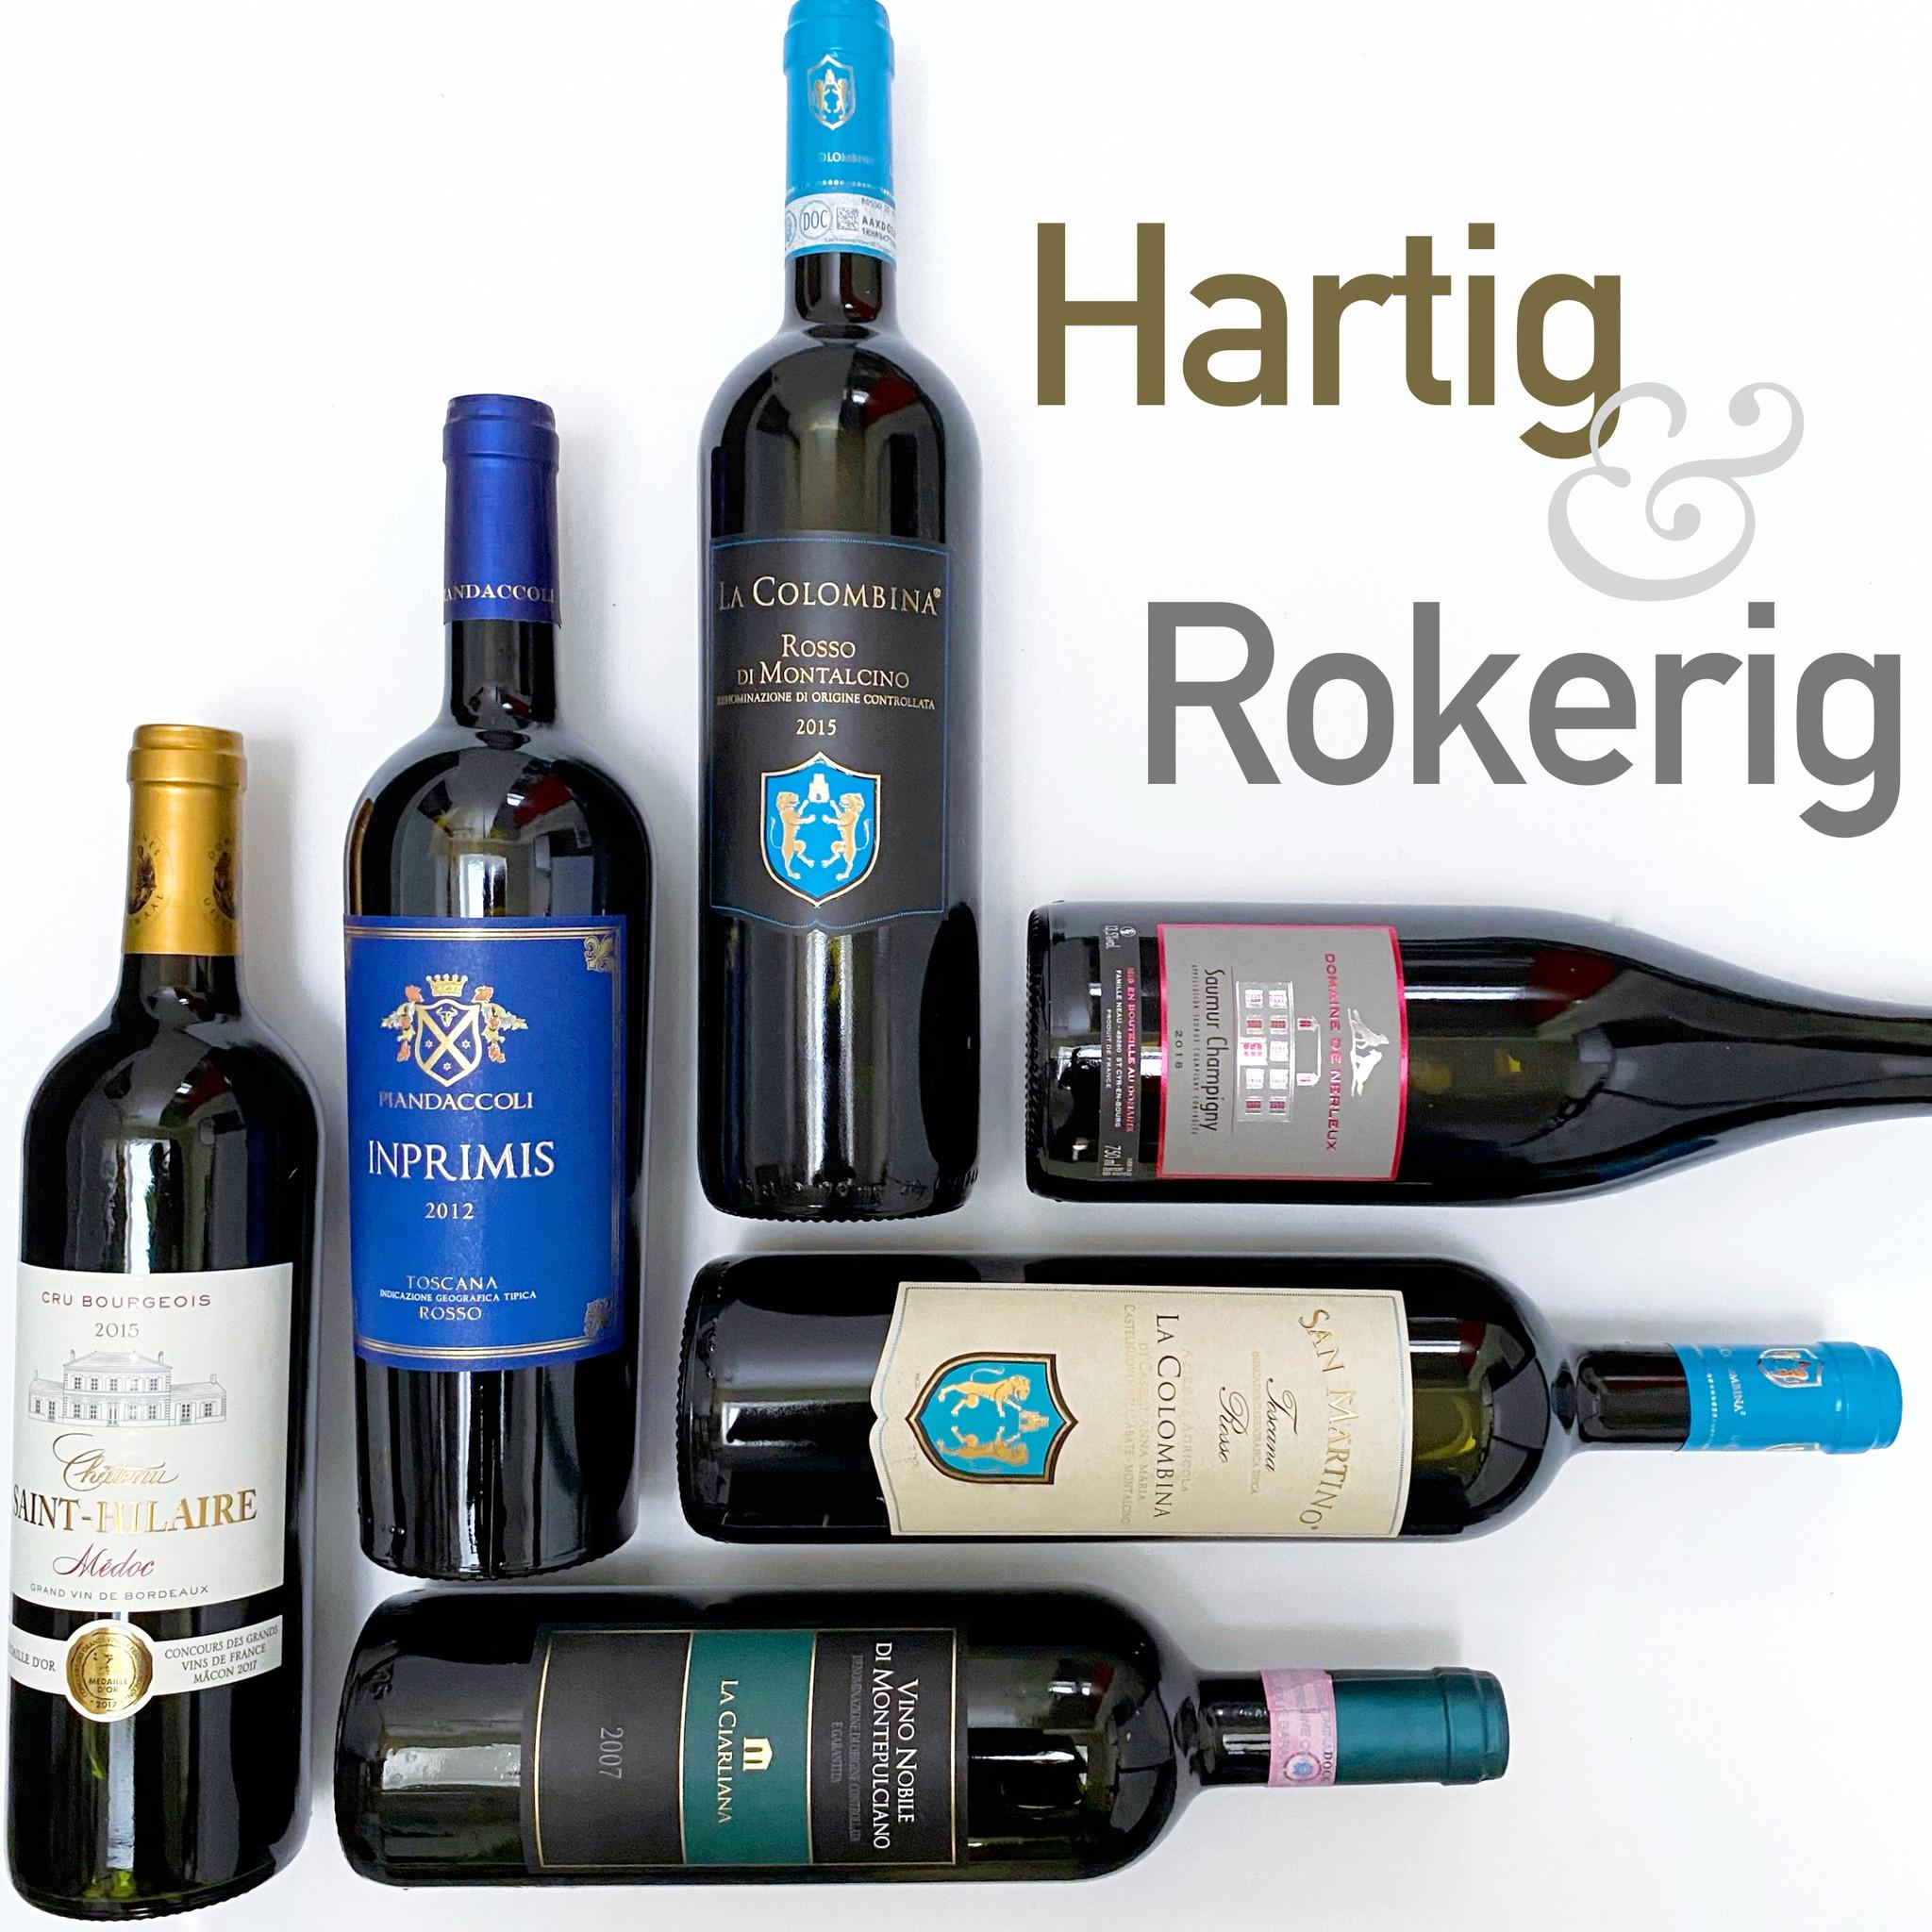 Hartig & Rokerig Voordeelbox